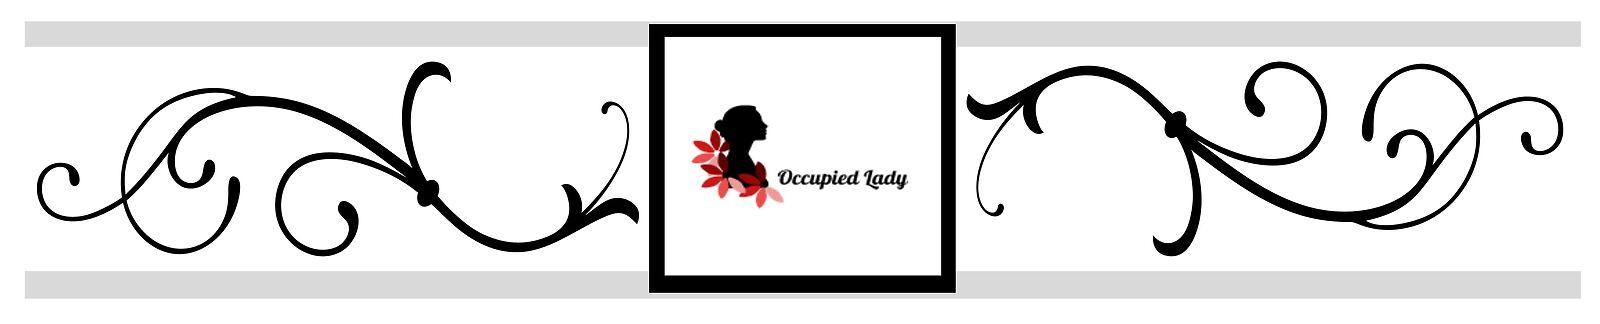 Occupiedlady